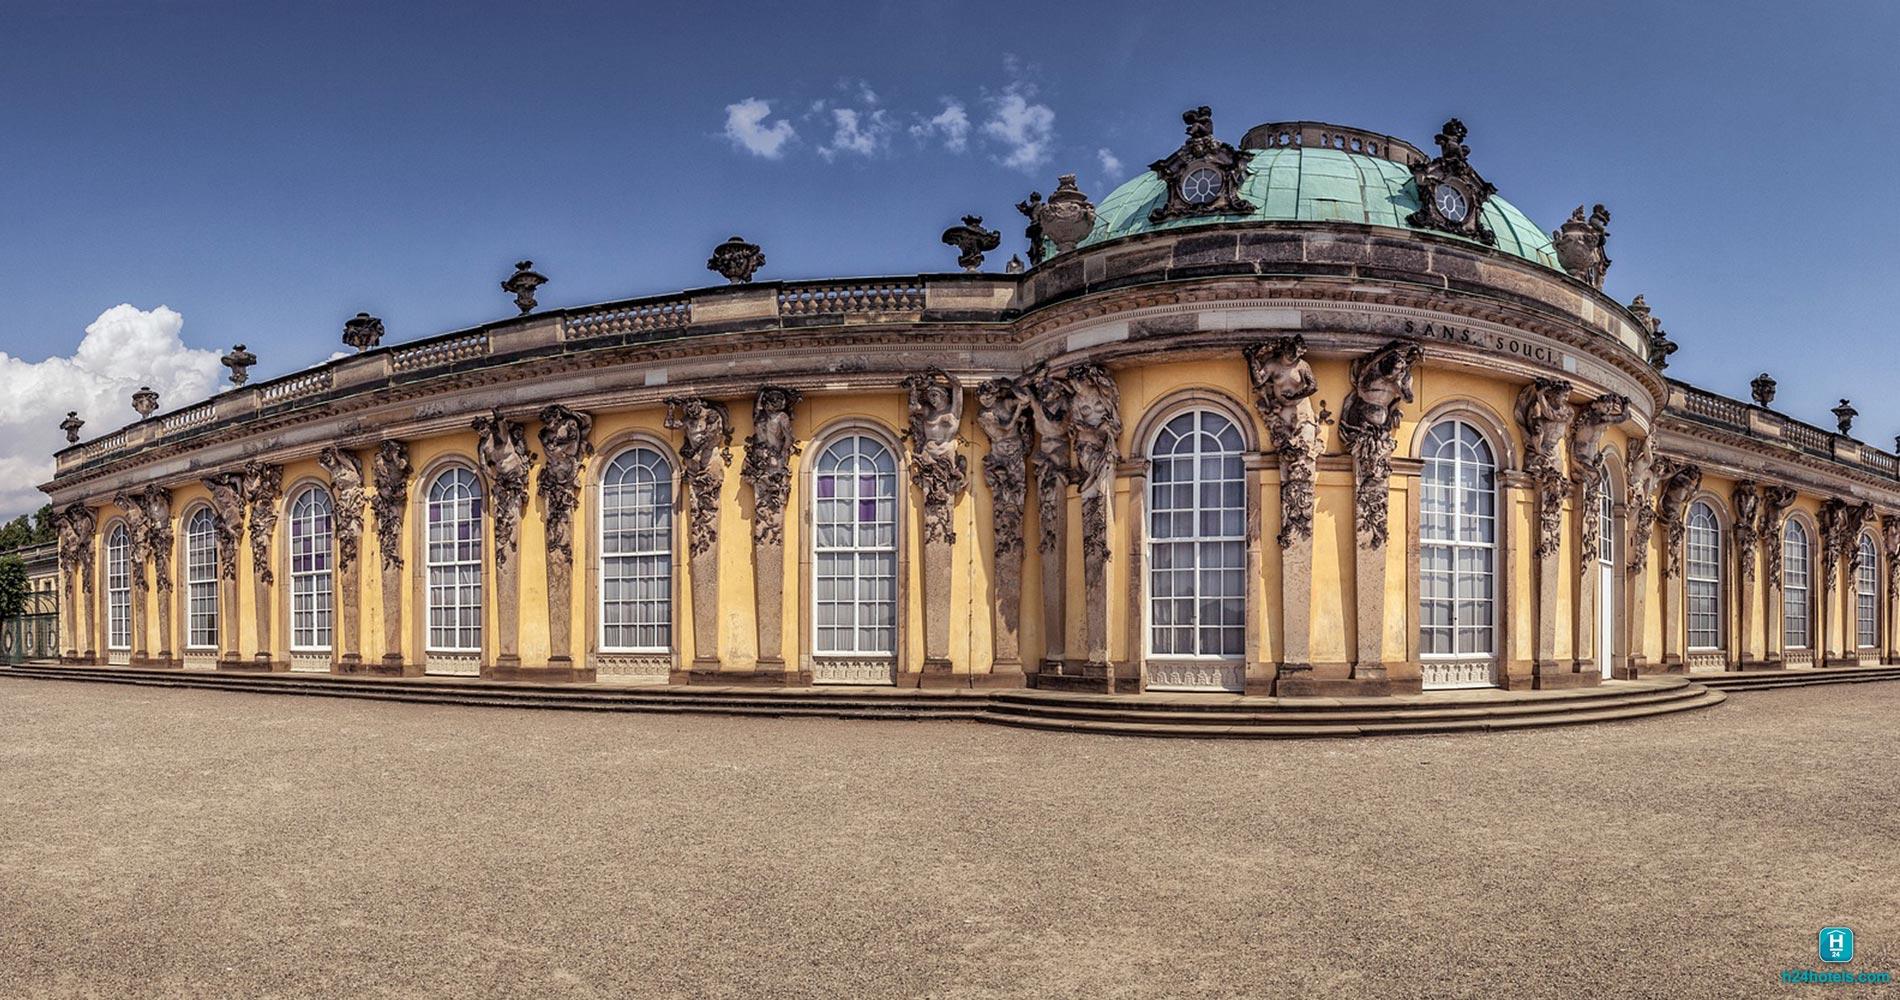 H24, Hoteltow, Schloss Sanssouci, Sehenswürdigkeiten, Gebäude, Bauwerk